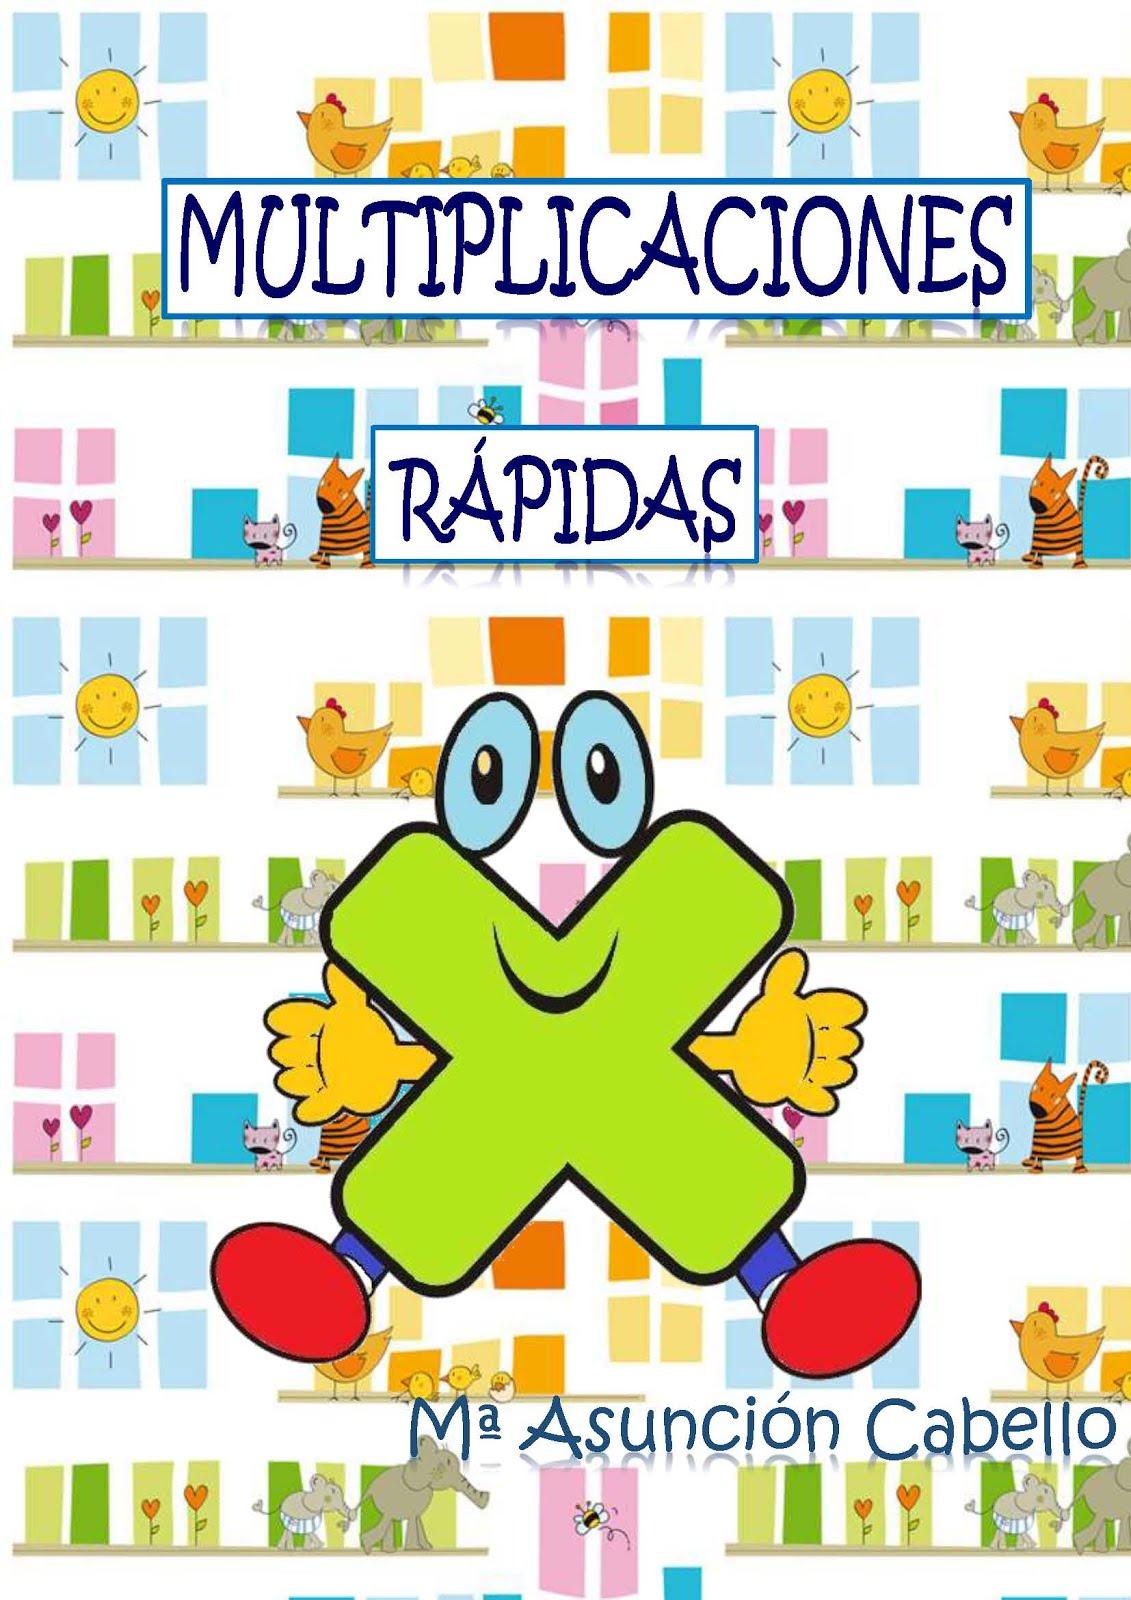 Multiplicaciones rápidas